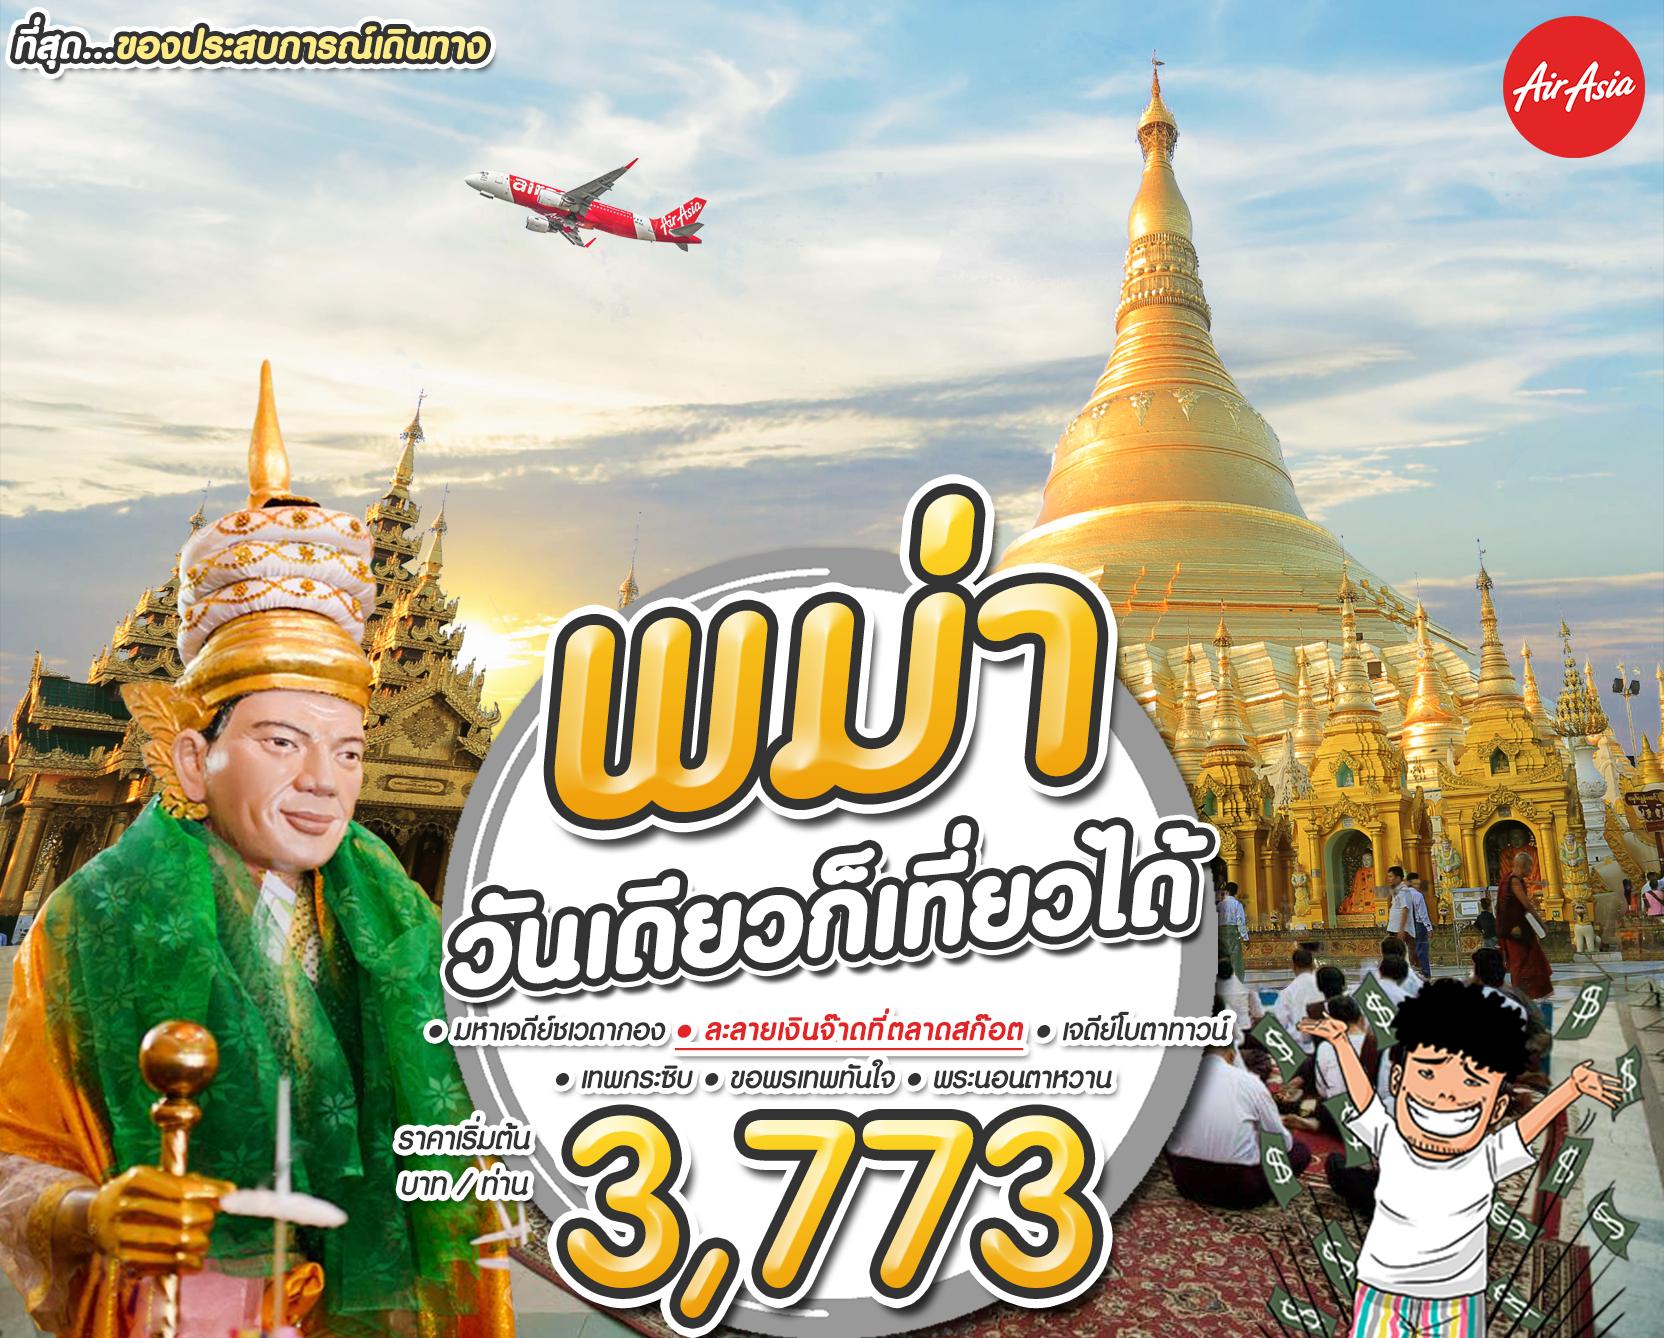 ทัวร์พม่า วันเดียวก็เที่ยวพม่าได้ (FEB 2019)